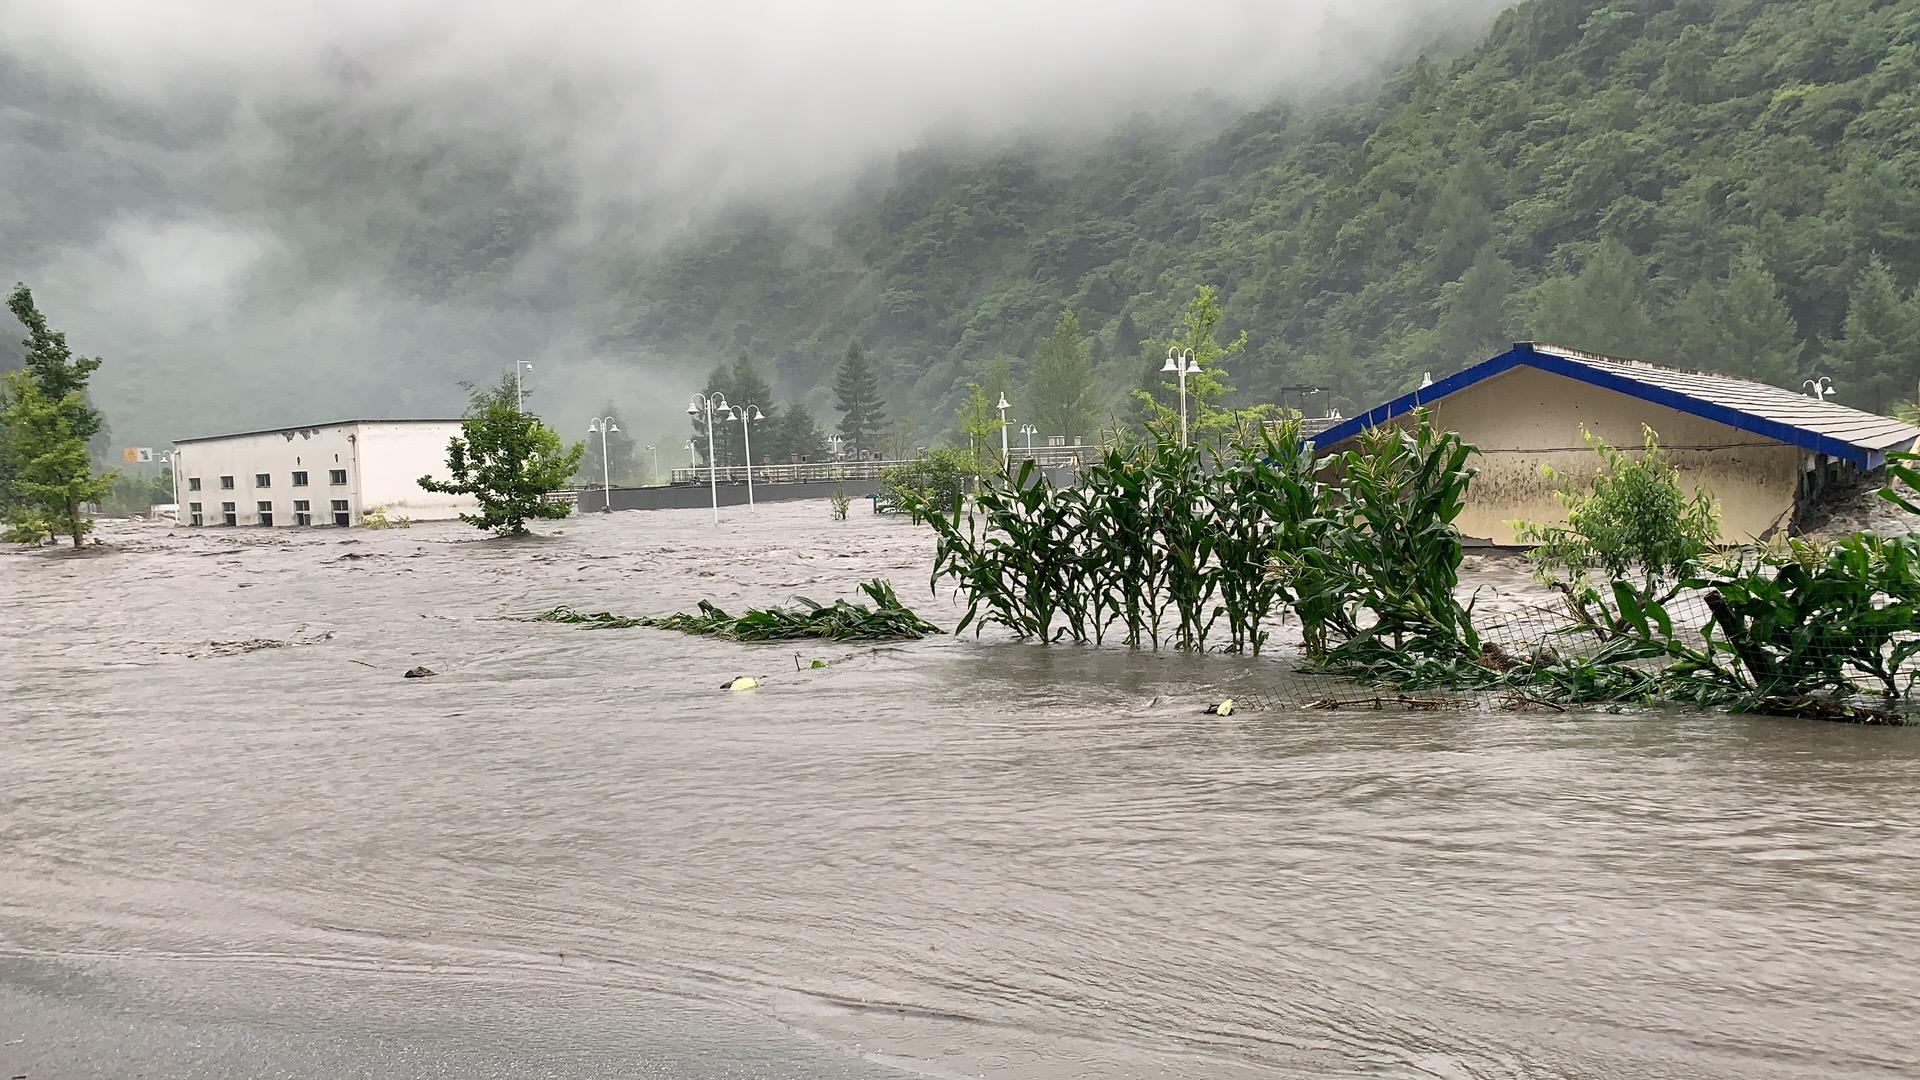 四川暴雨引发山洪致卧龙耿达镇7人失联,上万名游客滞留